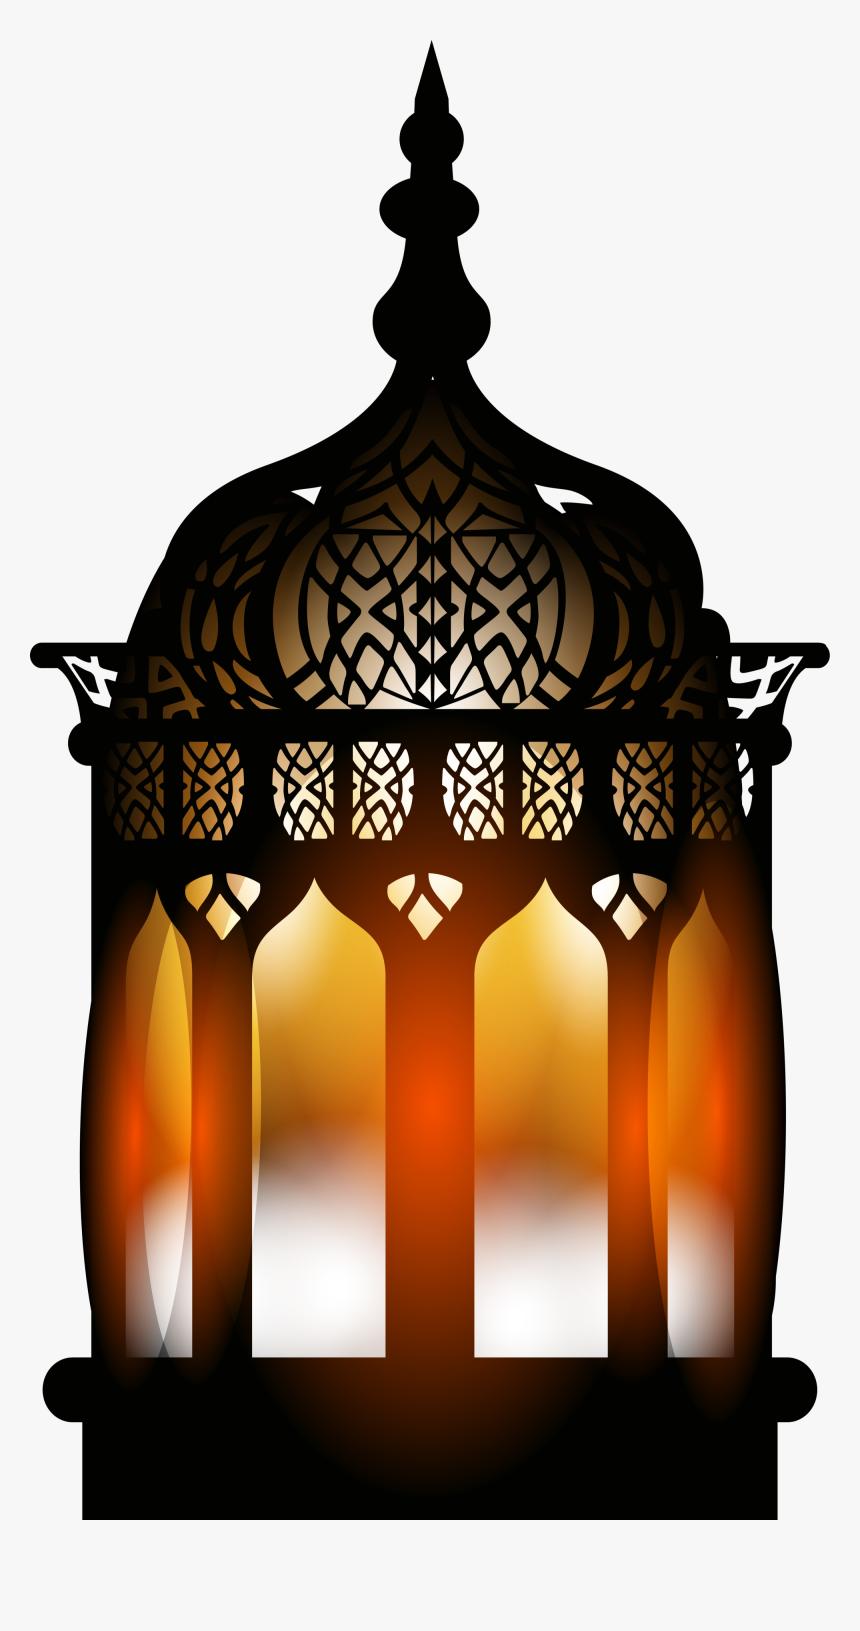 lamp ramadan png transparent png kindpng lamp ramadan png transparent png kindpng